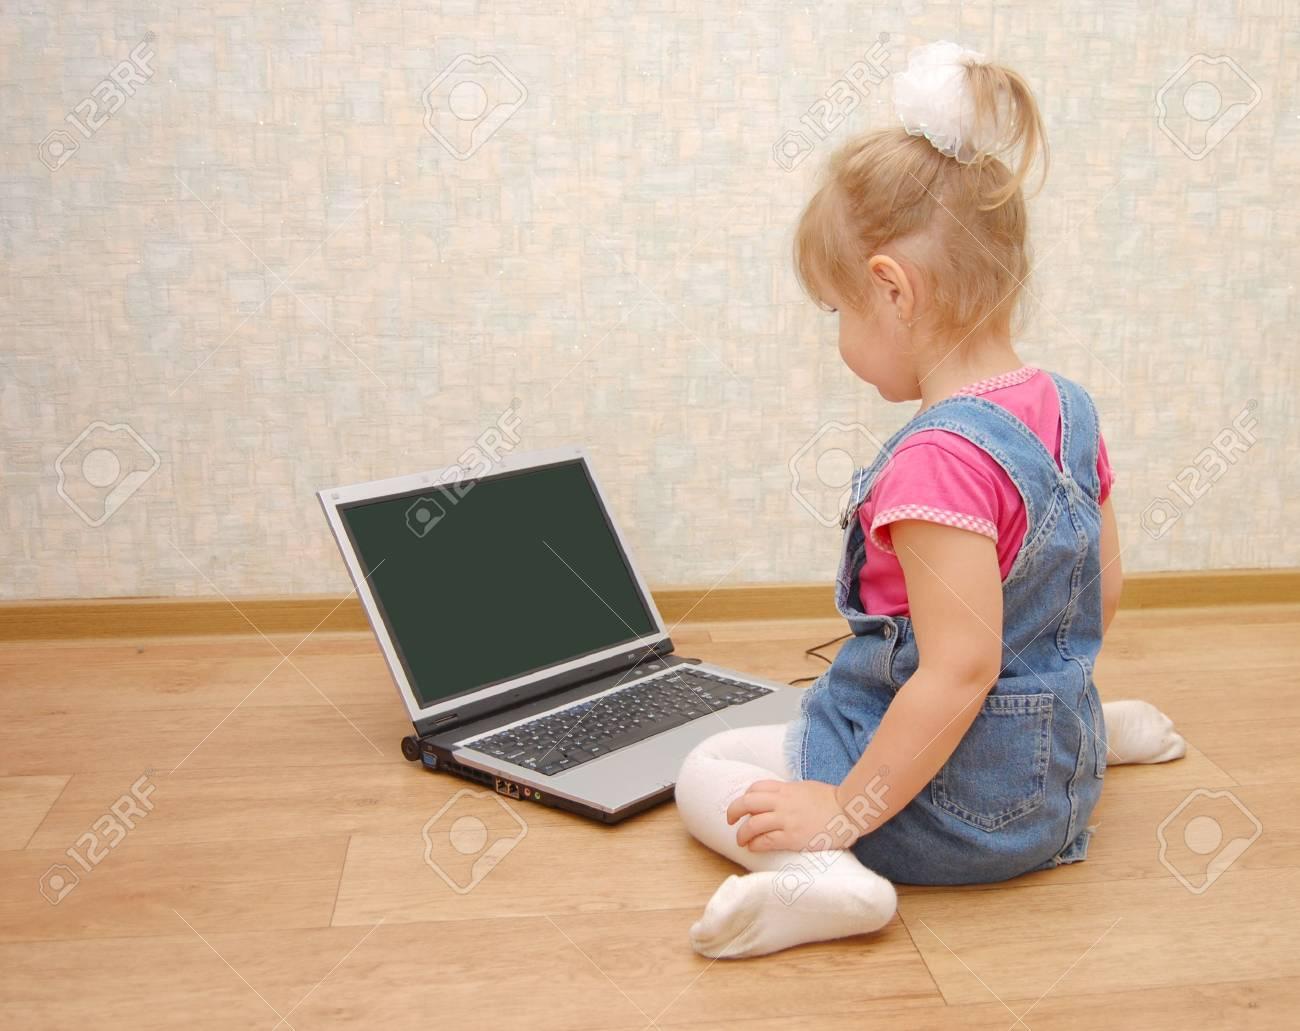 La Belle Fille De 3 Ans Située Près De L'ordinateur Portable tout Ordinateur 3 Ans